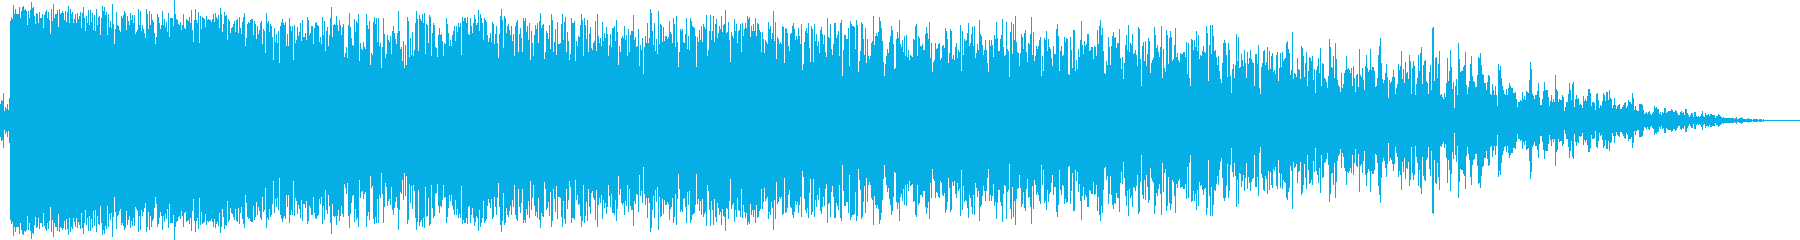 【爆発】 32 ドーンッ・・・ 戦争の再生済みの波形